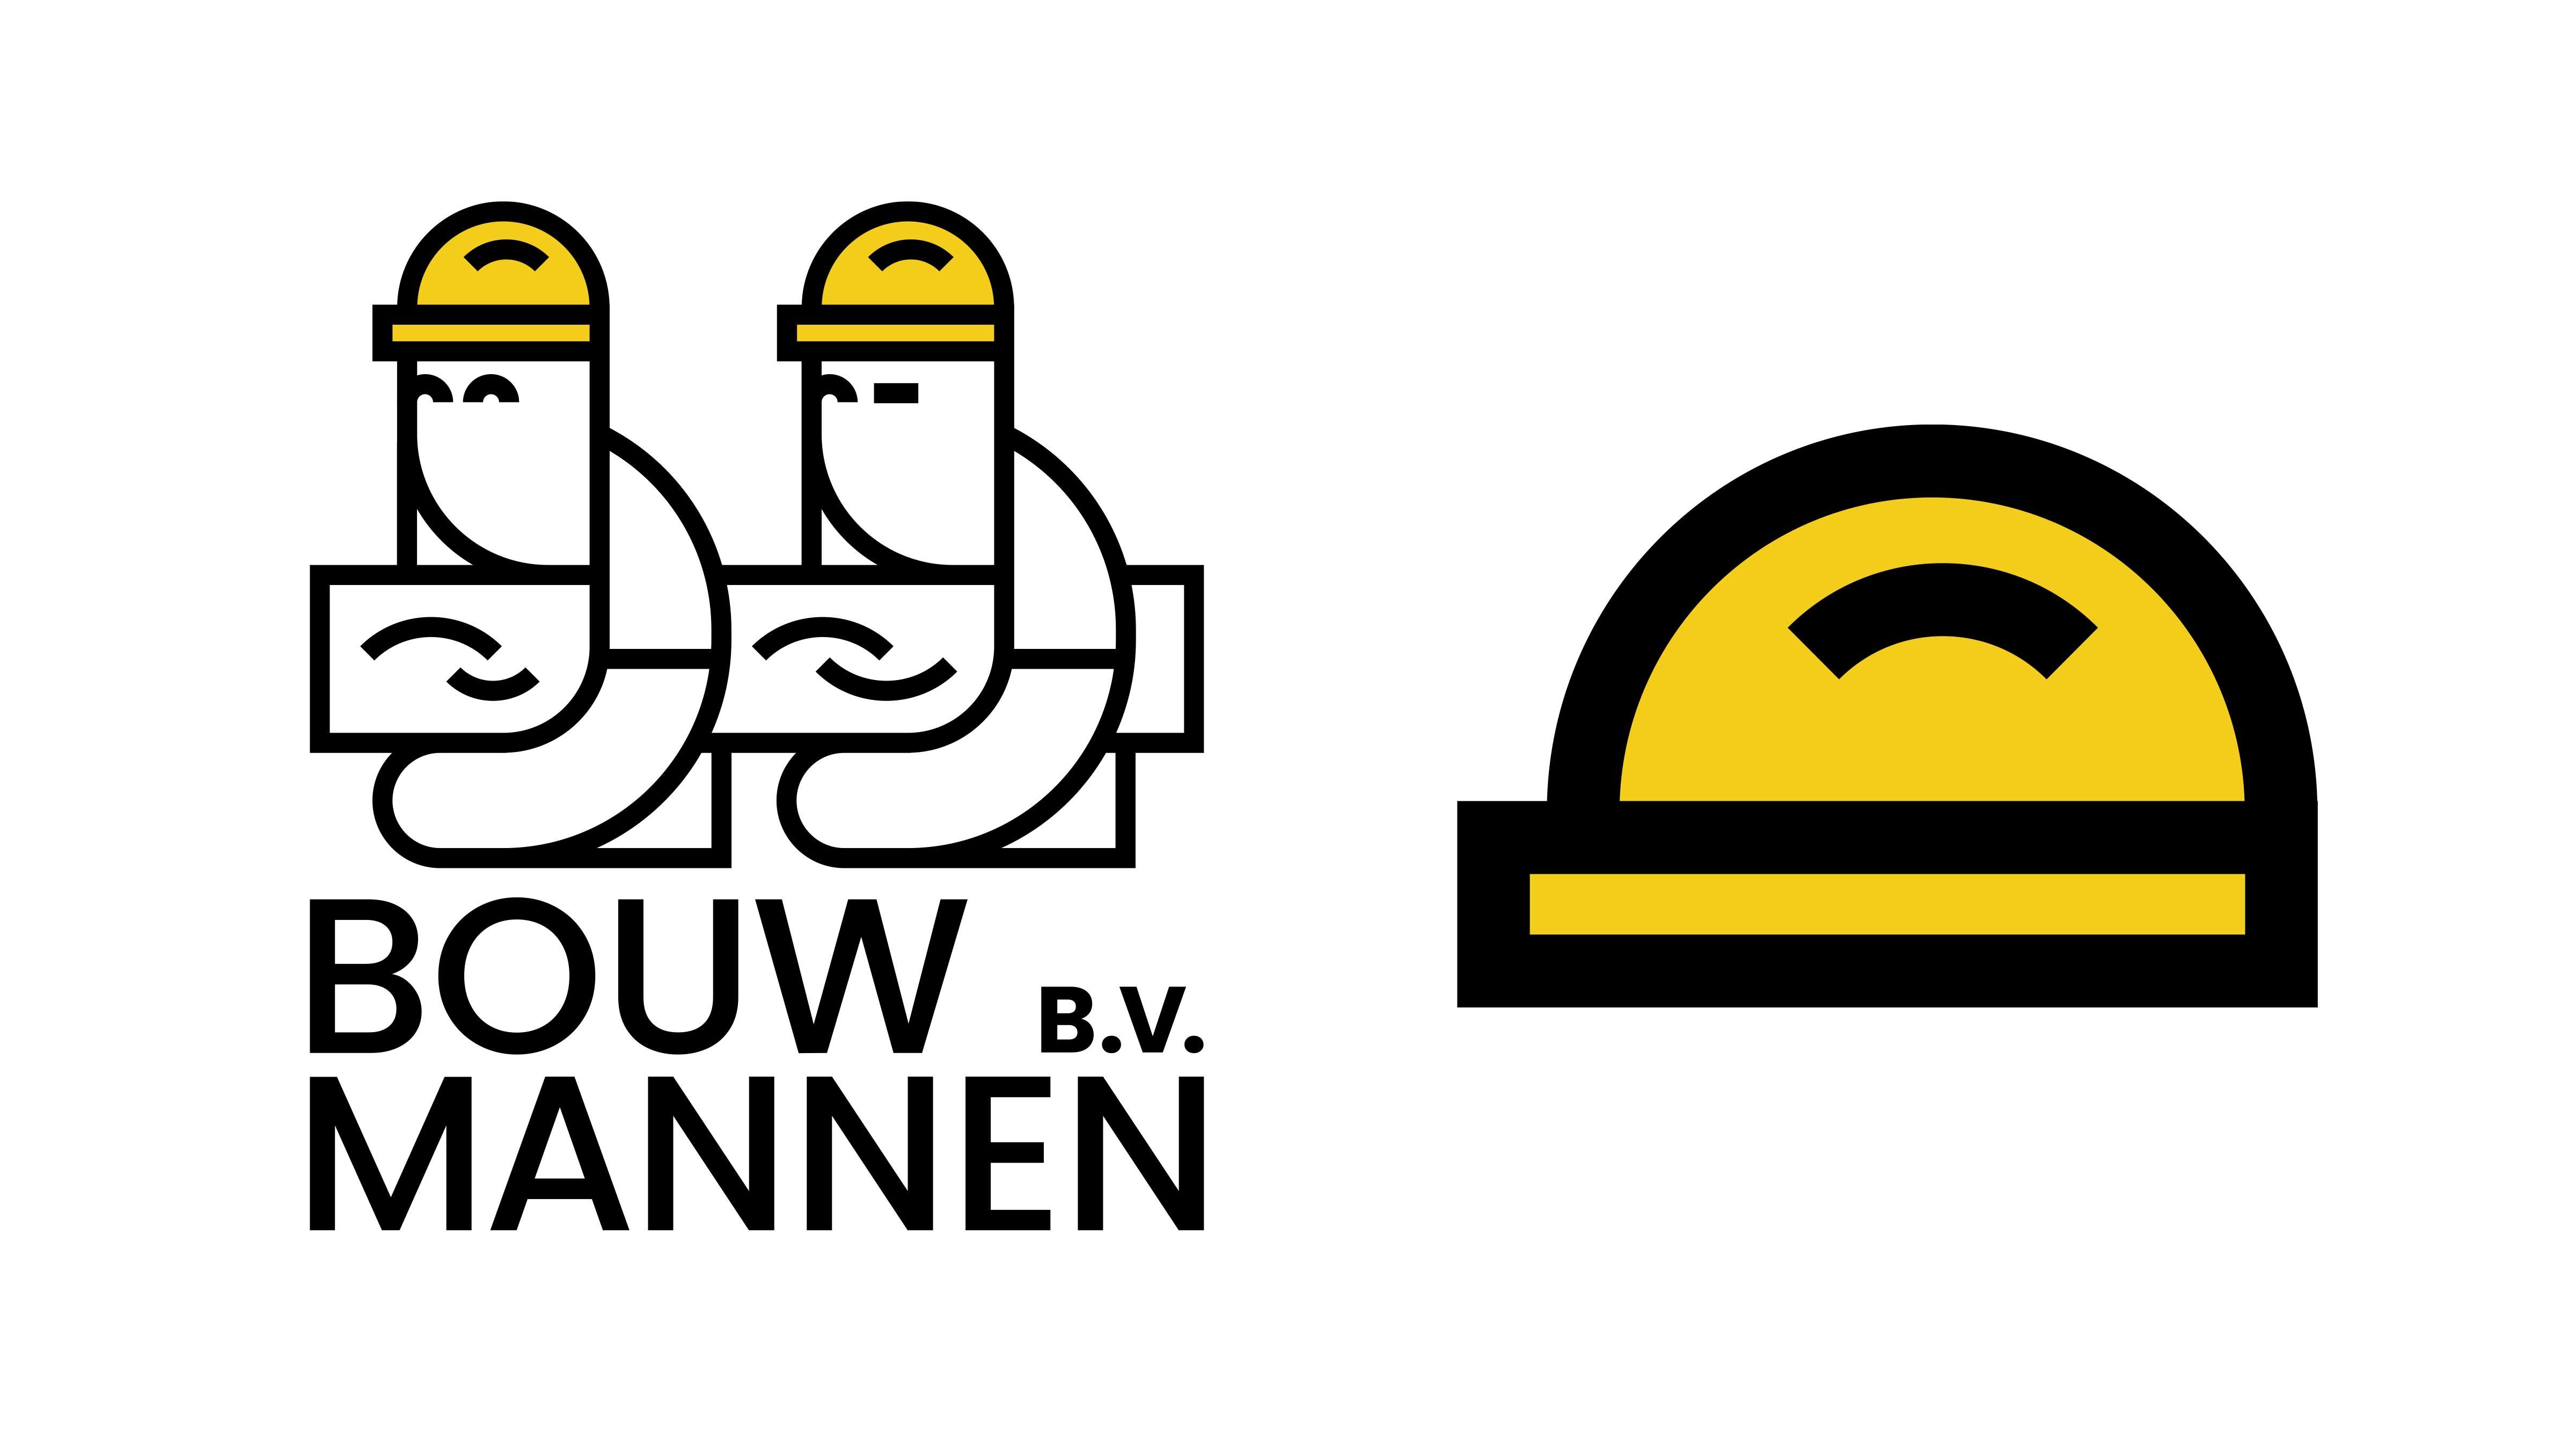 Bouwmannen2.jpg